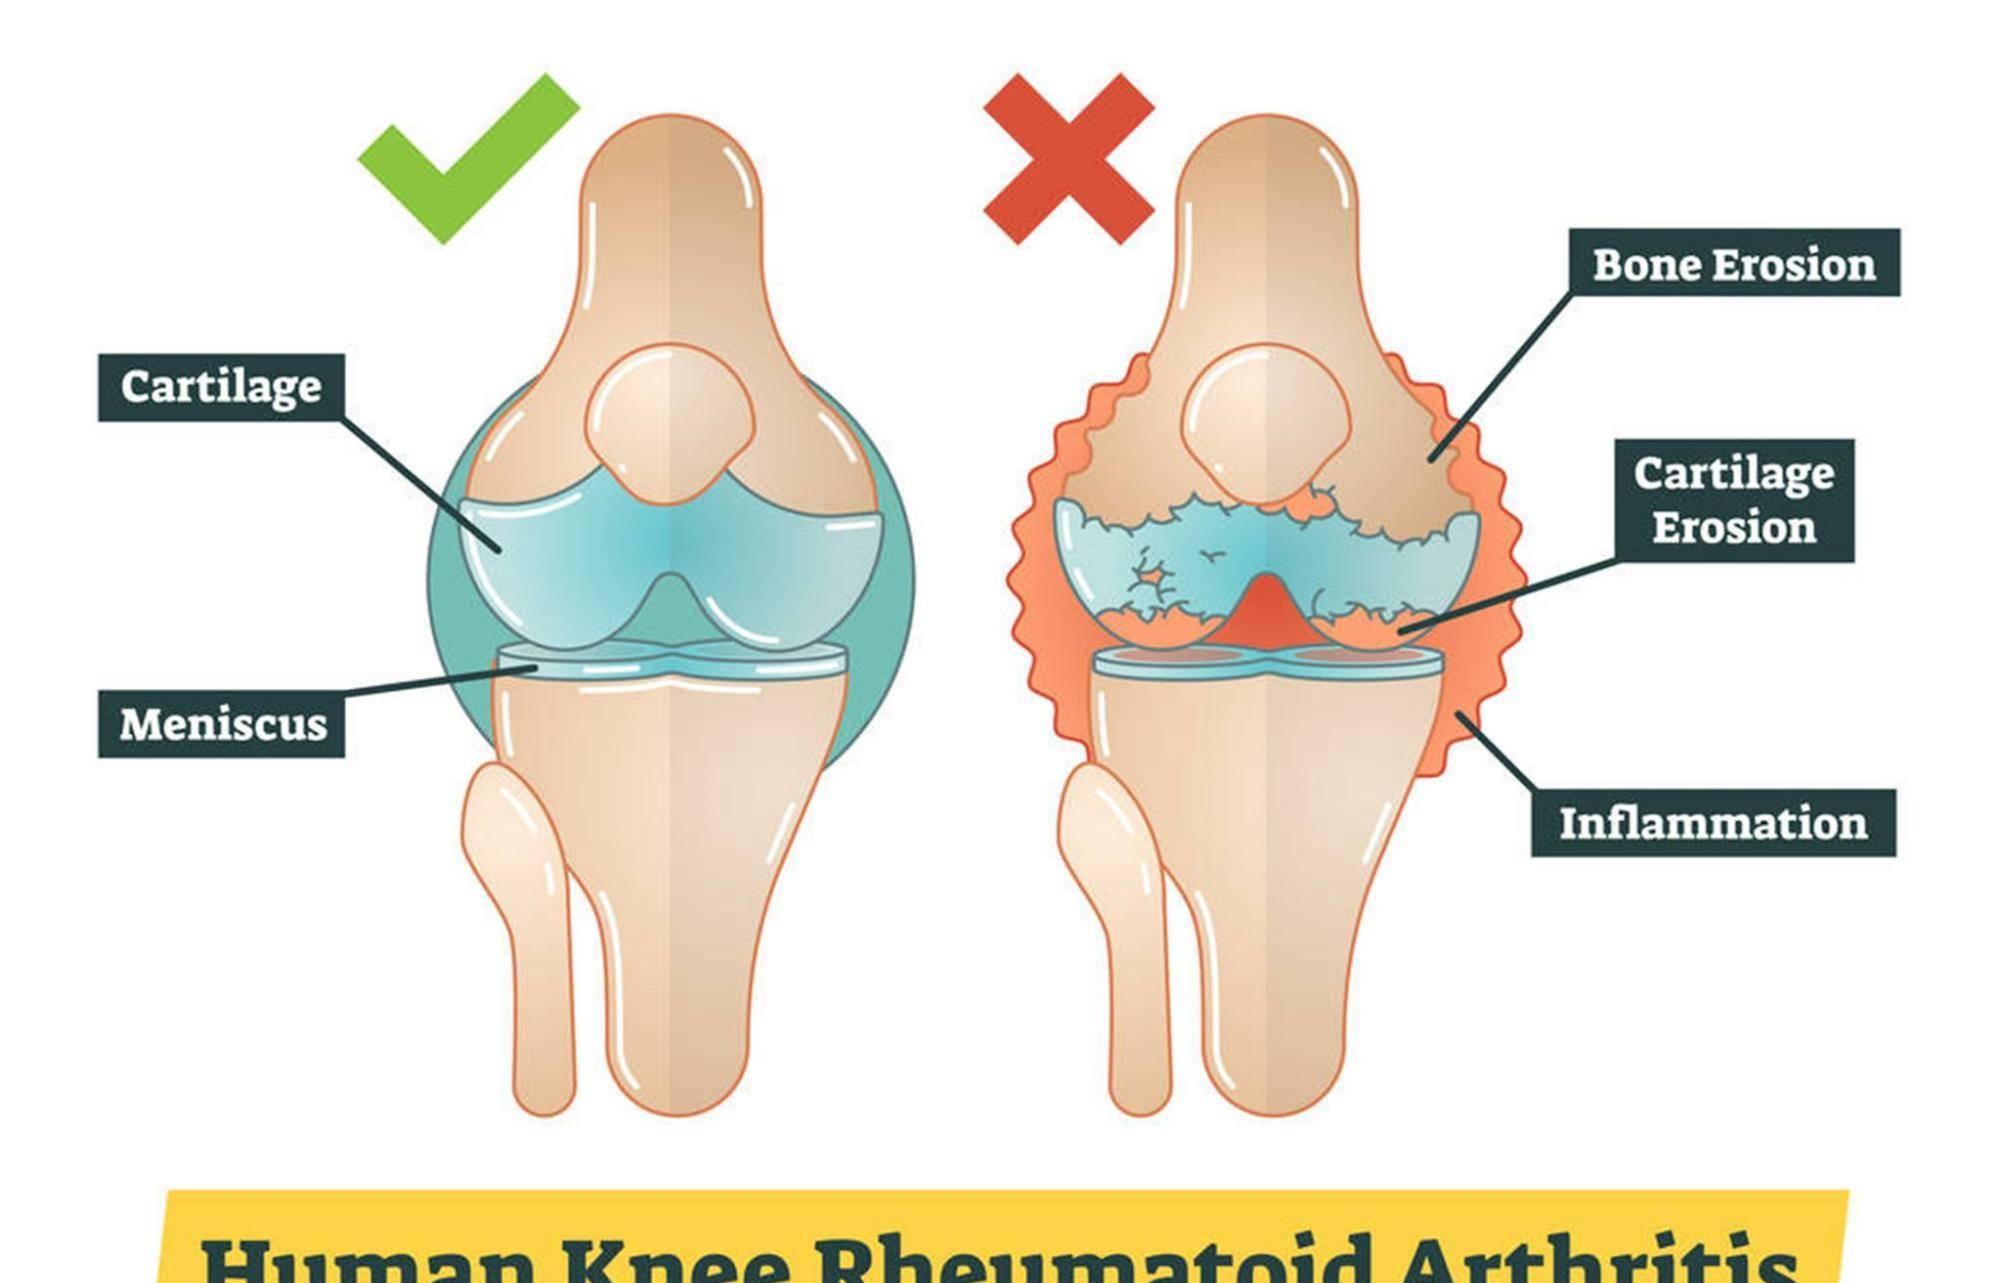 中医提醒:滑膜炎并不难治,一把花椒就能消除积液,膝盖更轻松  滑膜炎最佳治疗偏方8种